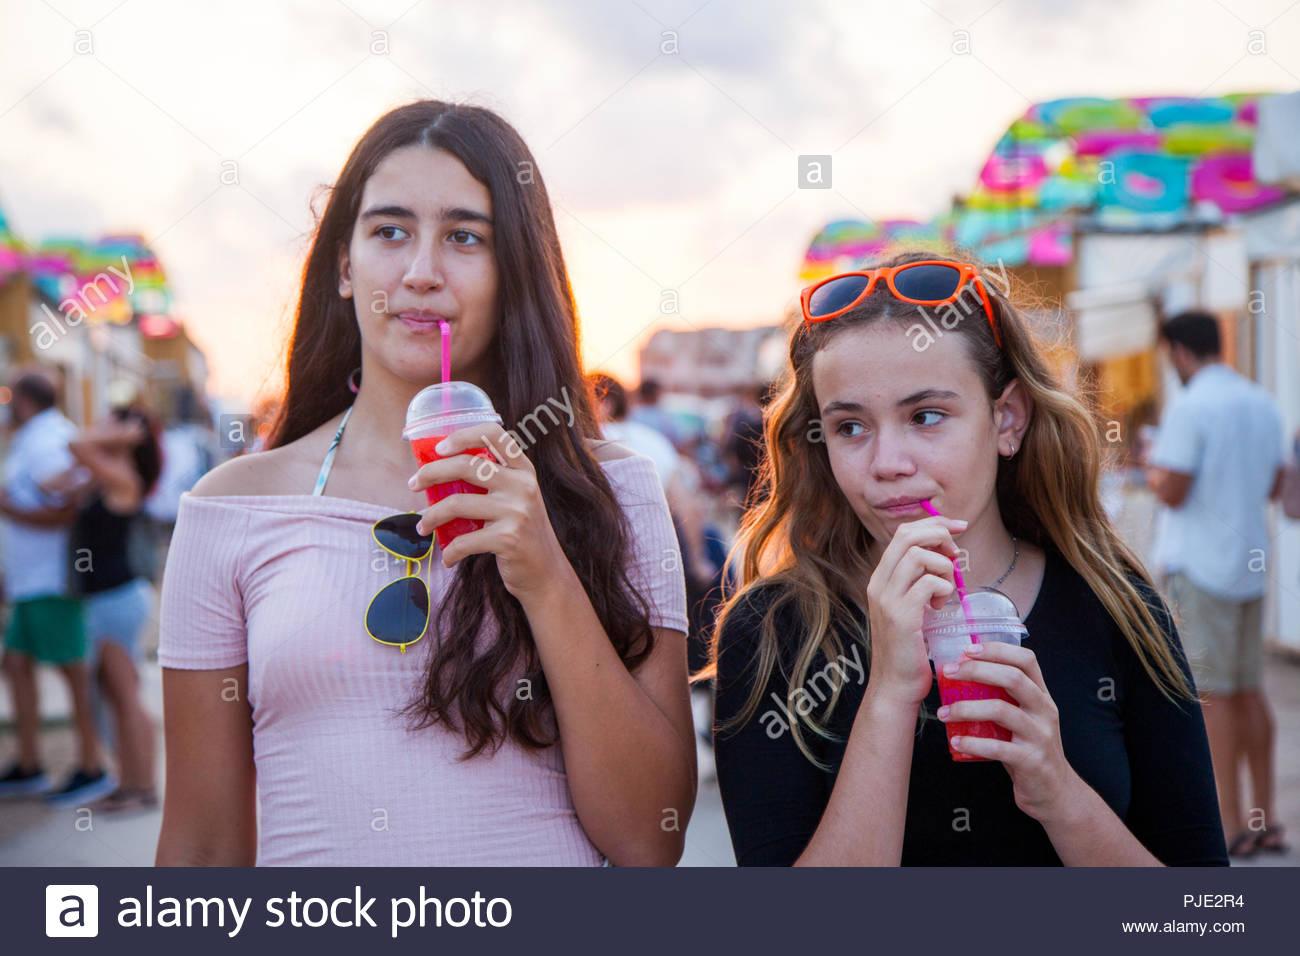 Deux adolescentes se promener dans un marché en plein air et prendre un bain rafraîchissant verre rouge. Photo Stock